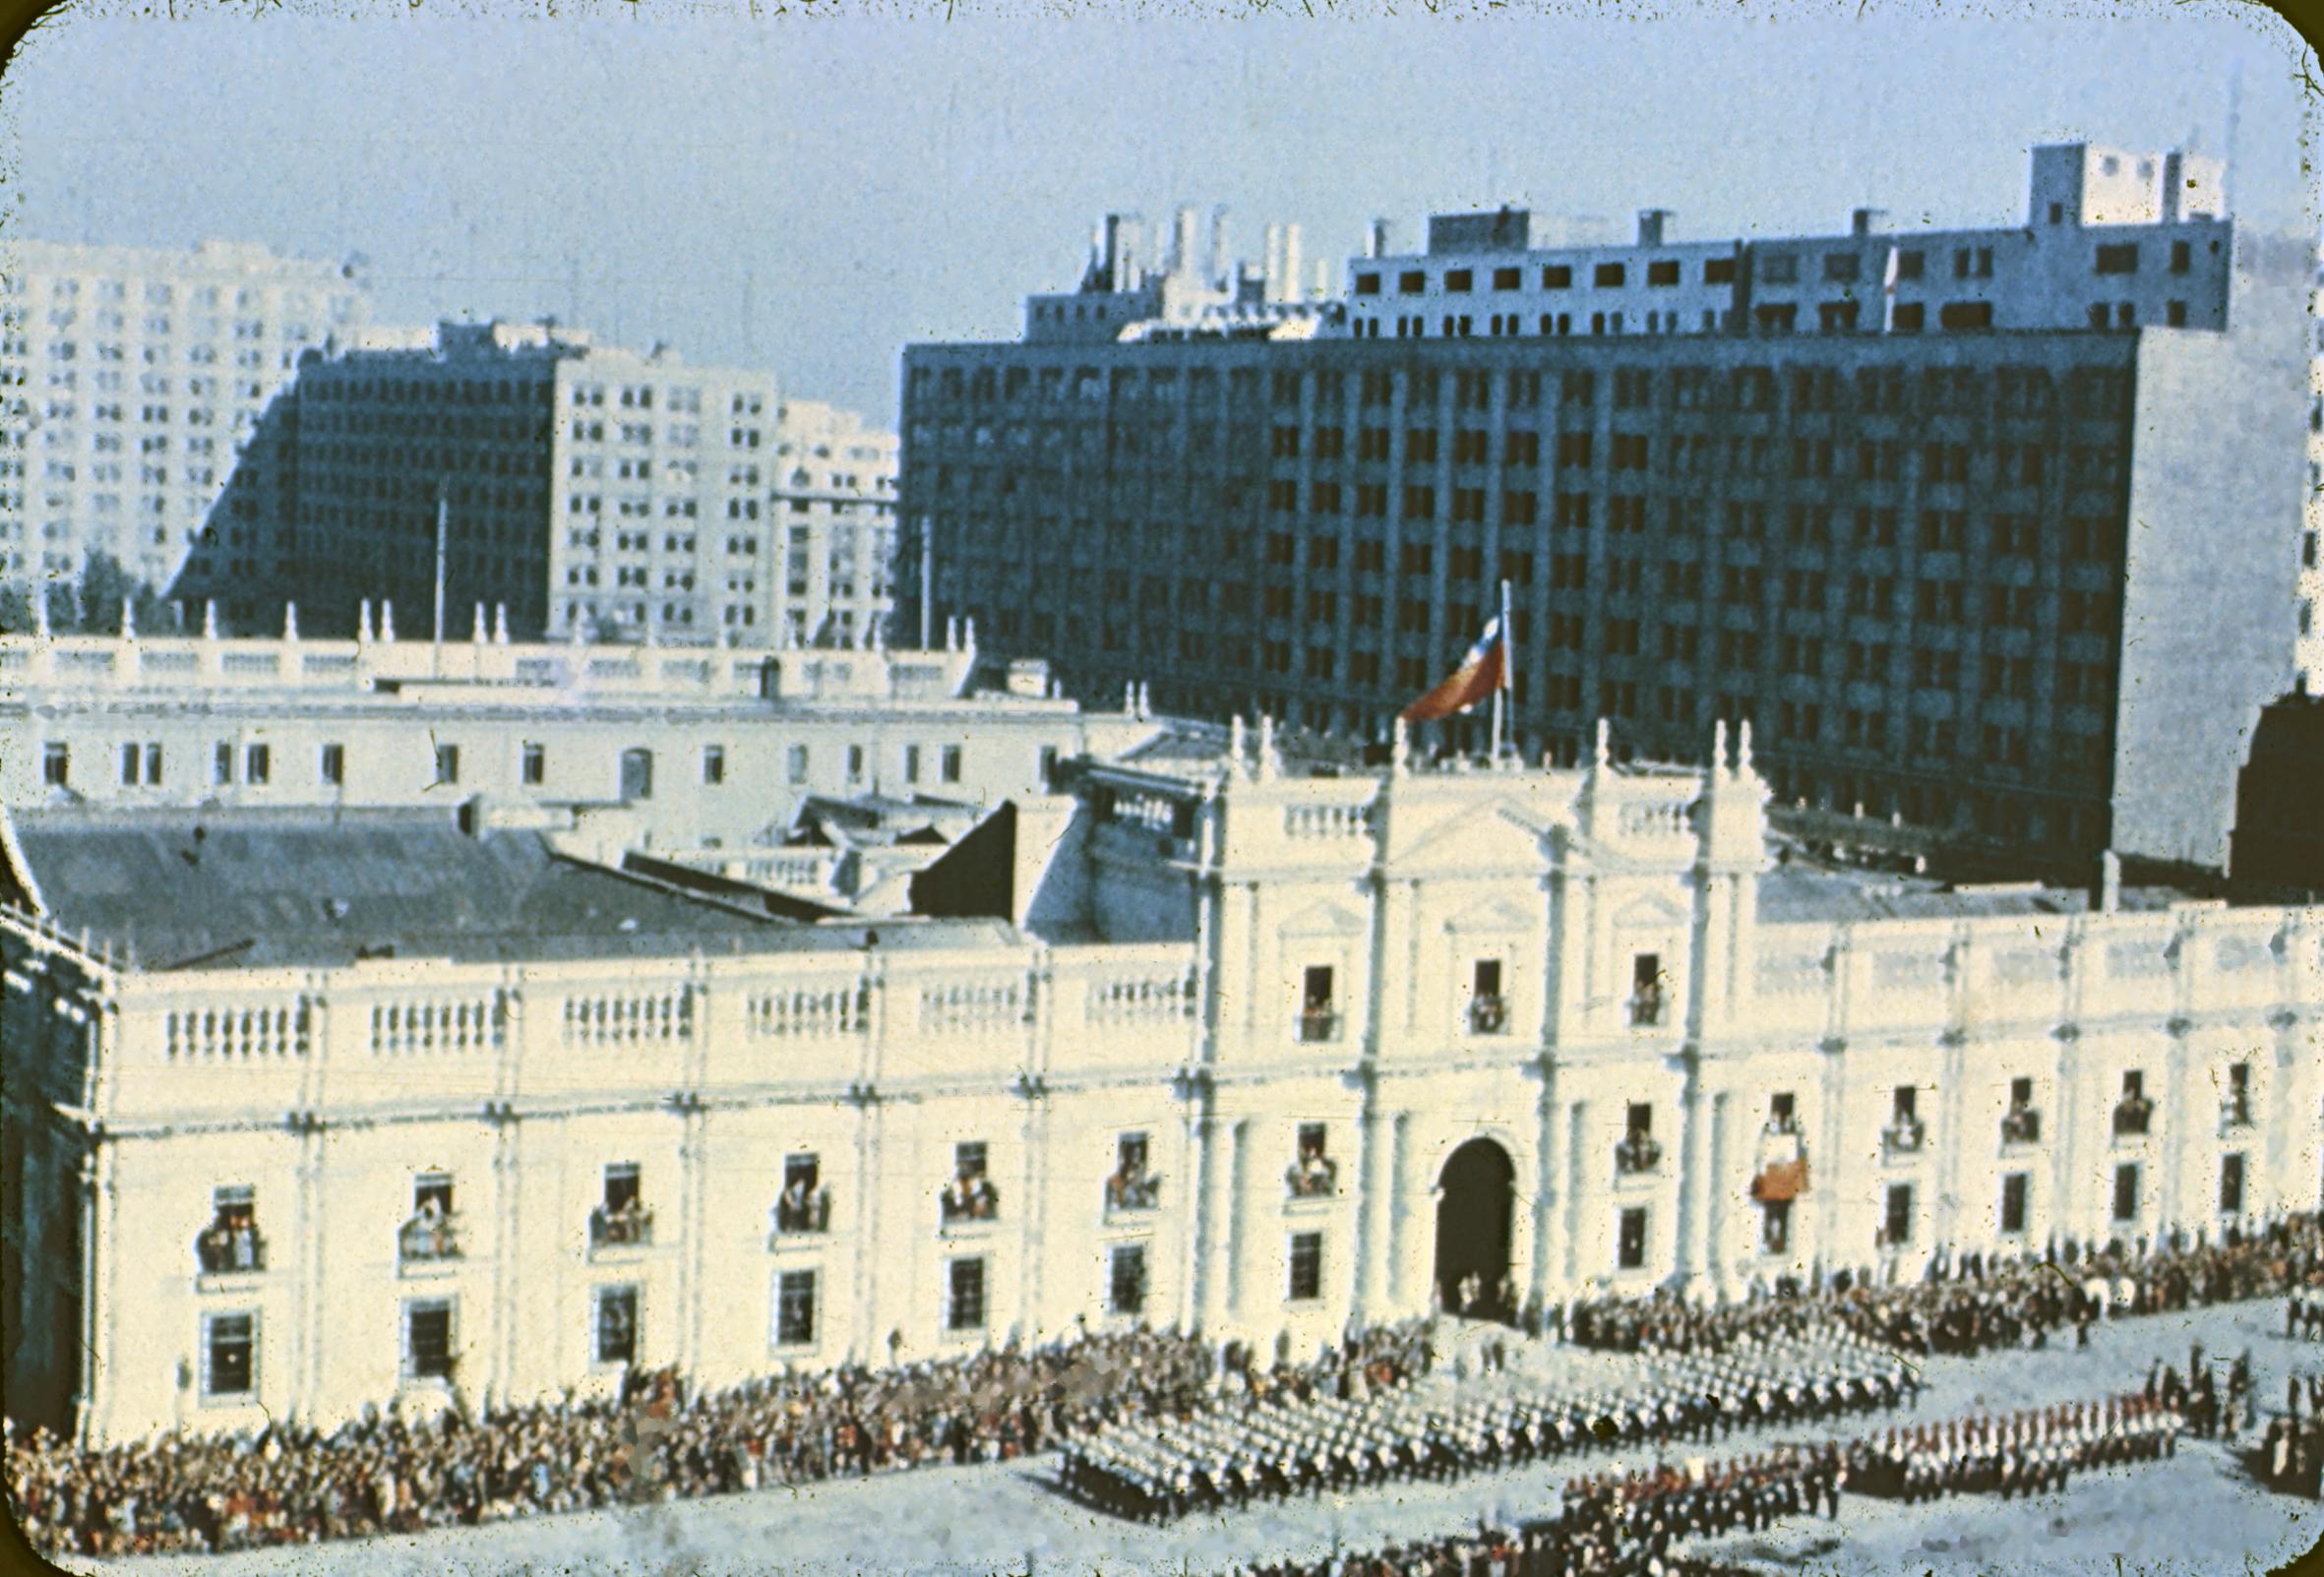 Enterreno - Fotos históricas de chile - fotos antiguas de Chile - Palacio de La Moneda, 1960s